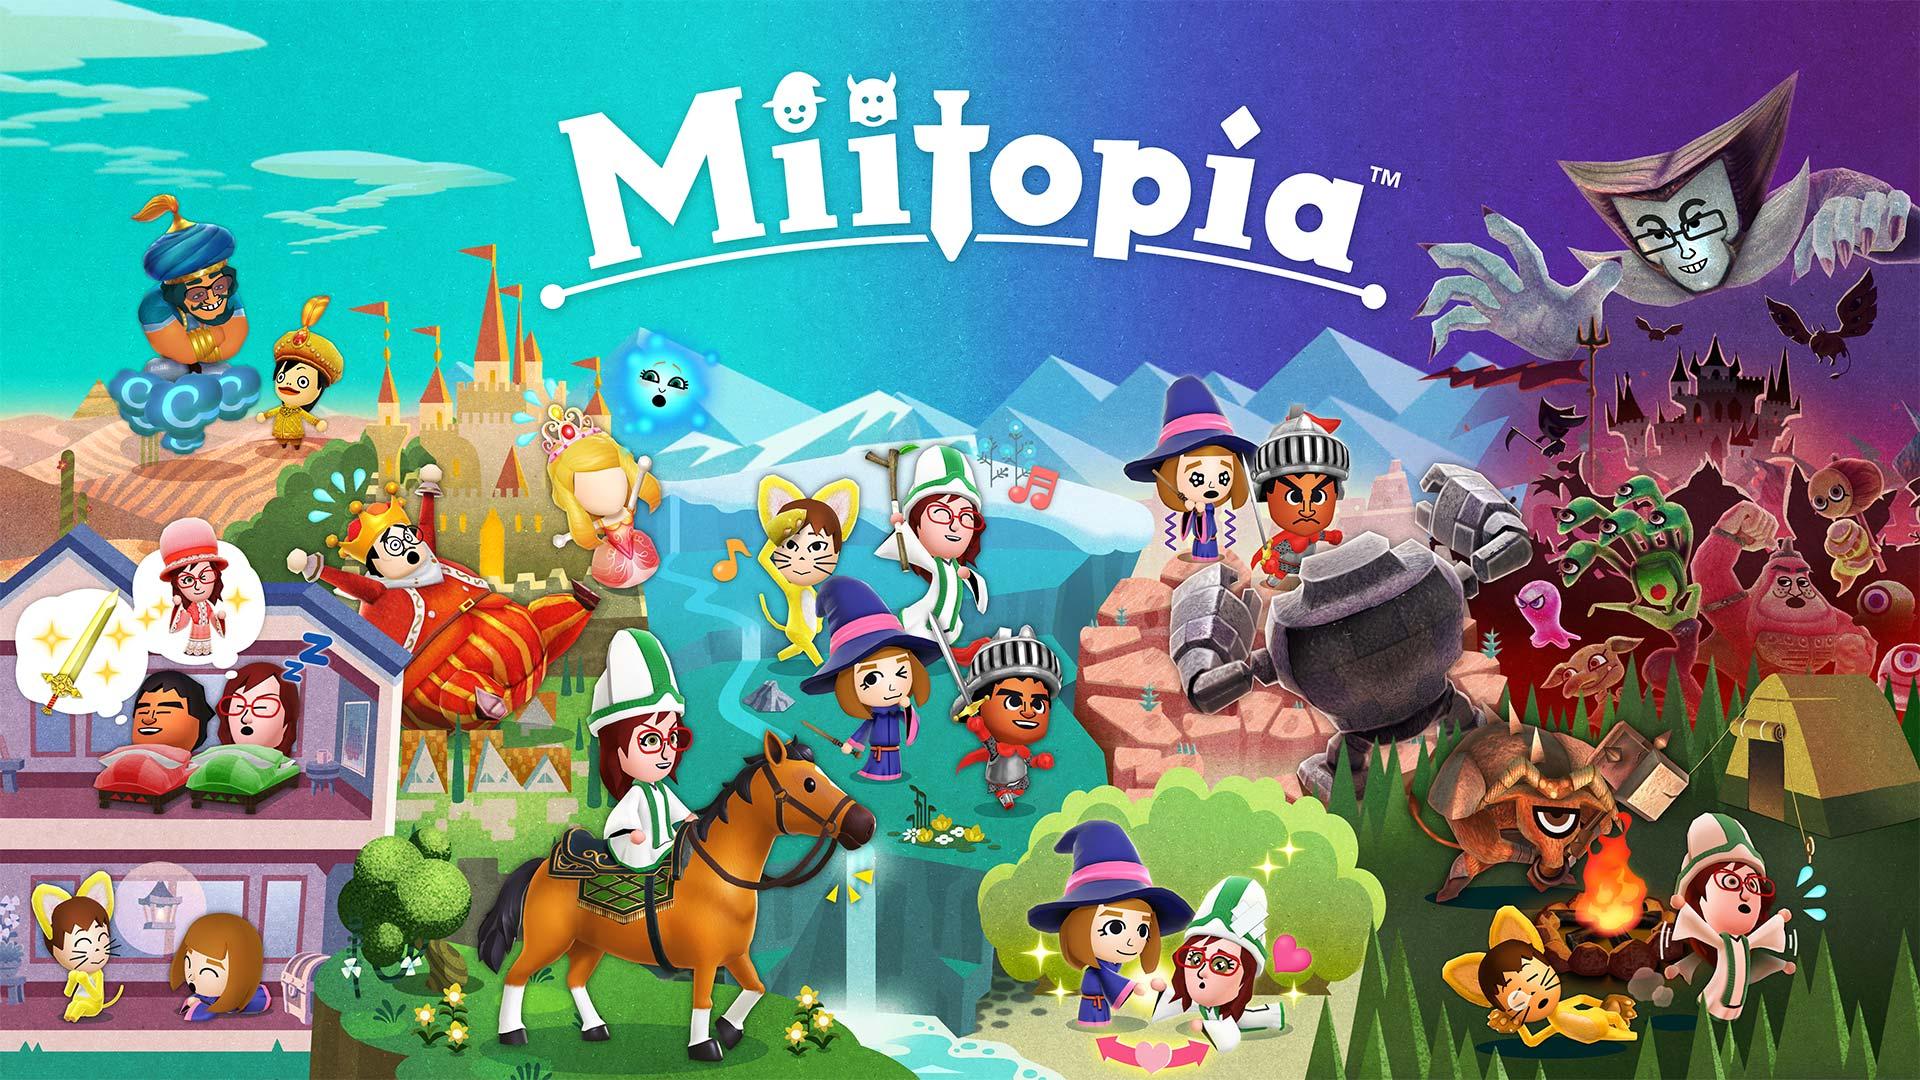 Review: miitopia - fofinho e levemente complexo. O mundo miitopia é colorido e divertido, mas esconde uma série de pequenos detalhes que fazem dele uma grande aventura